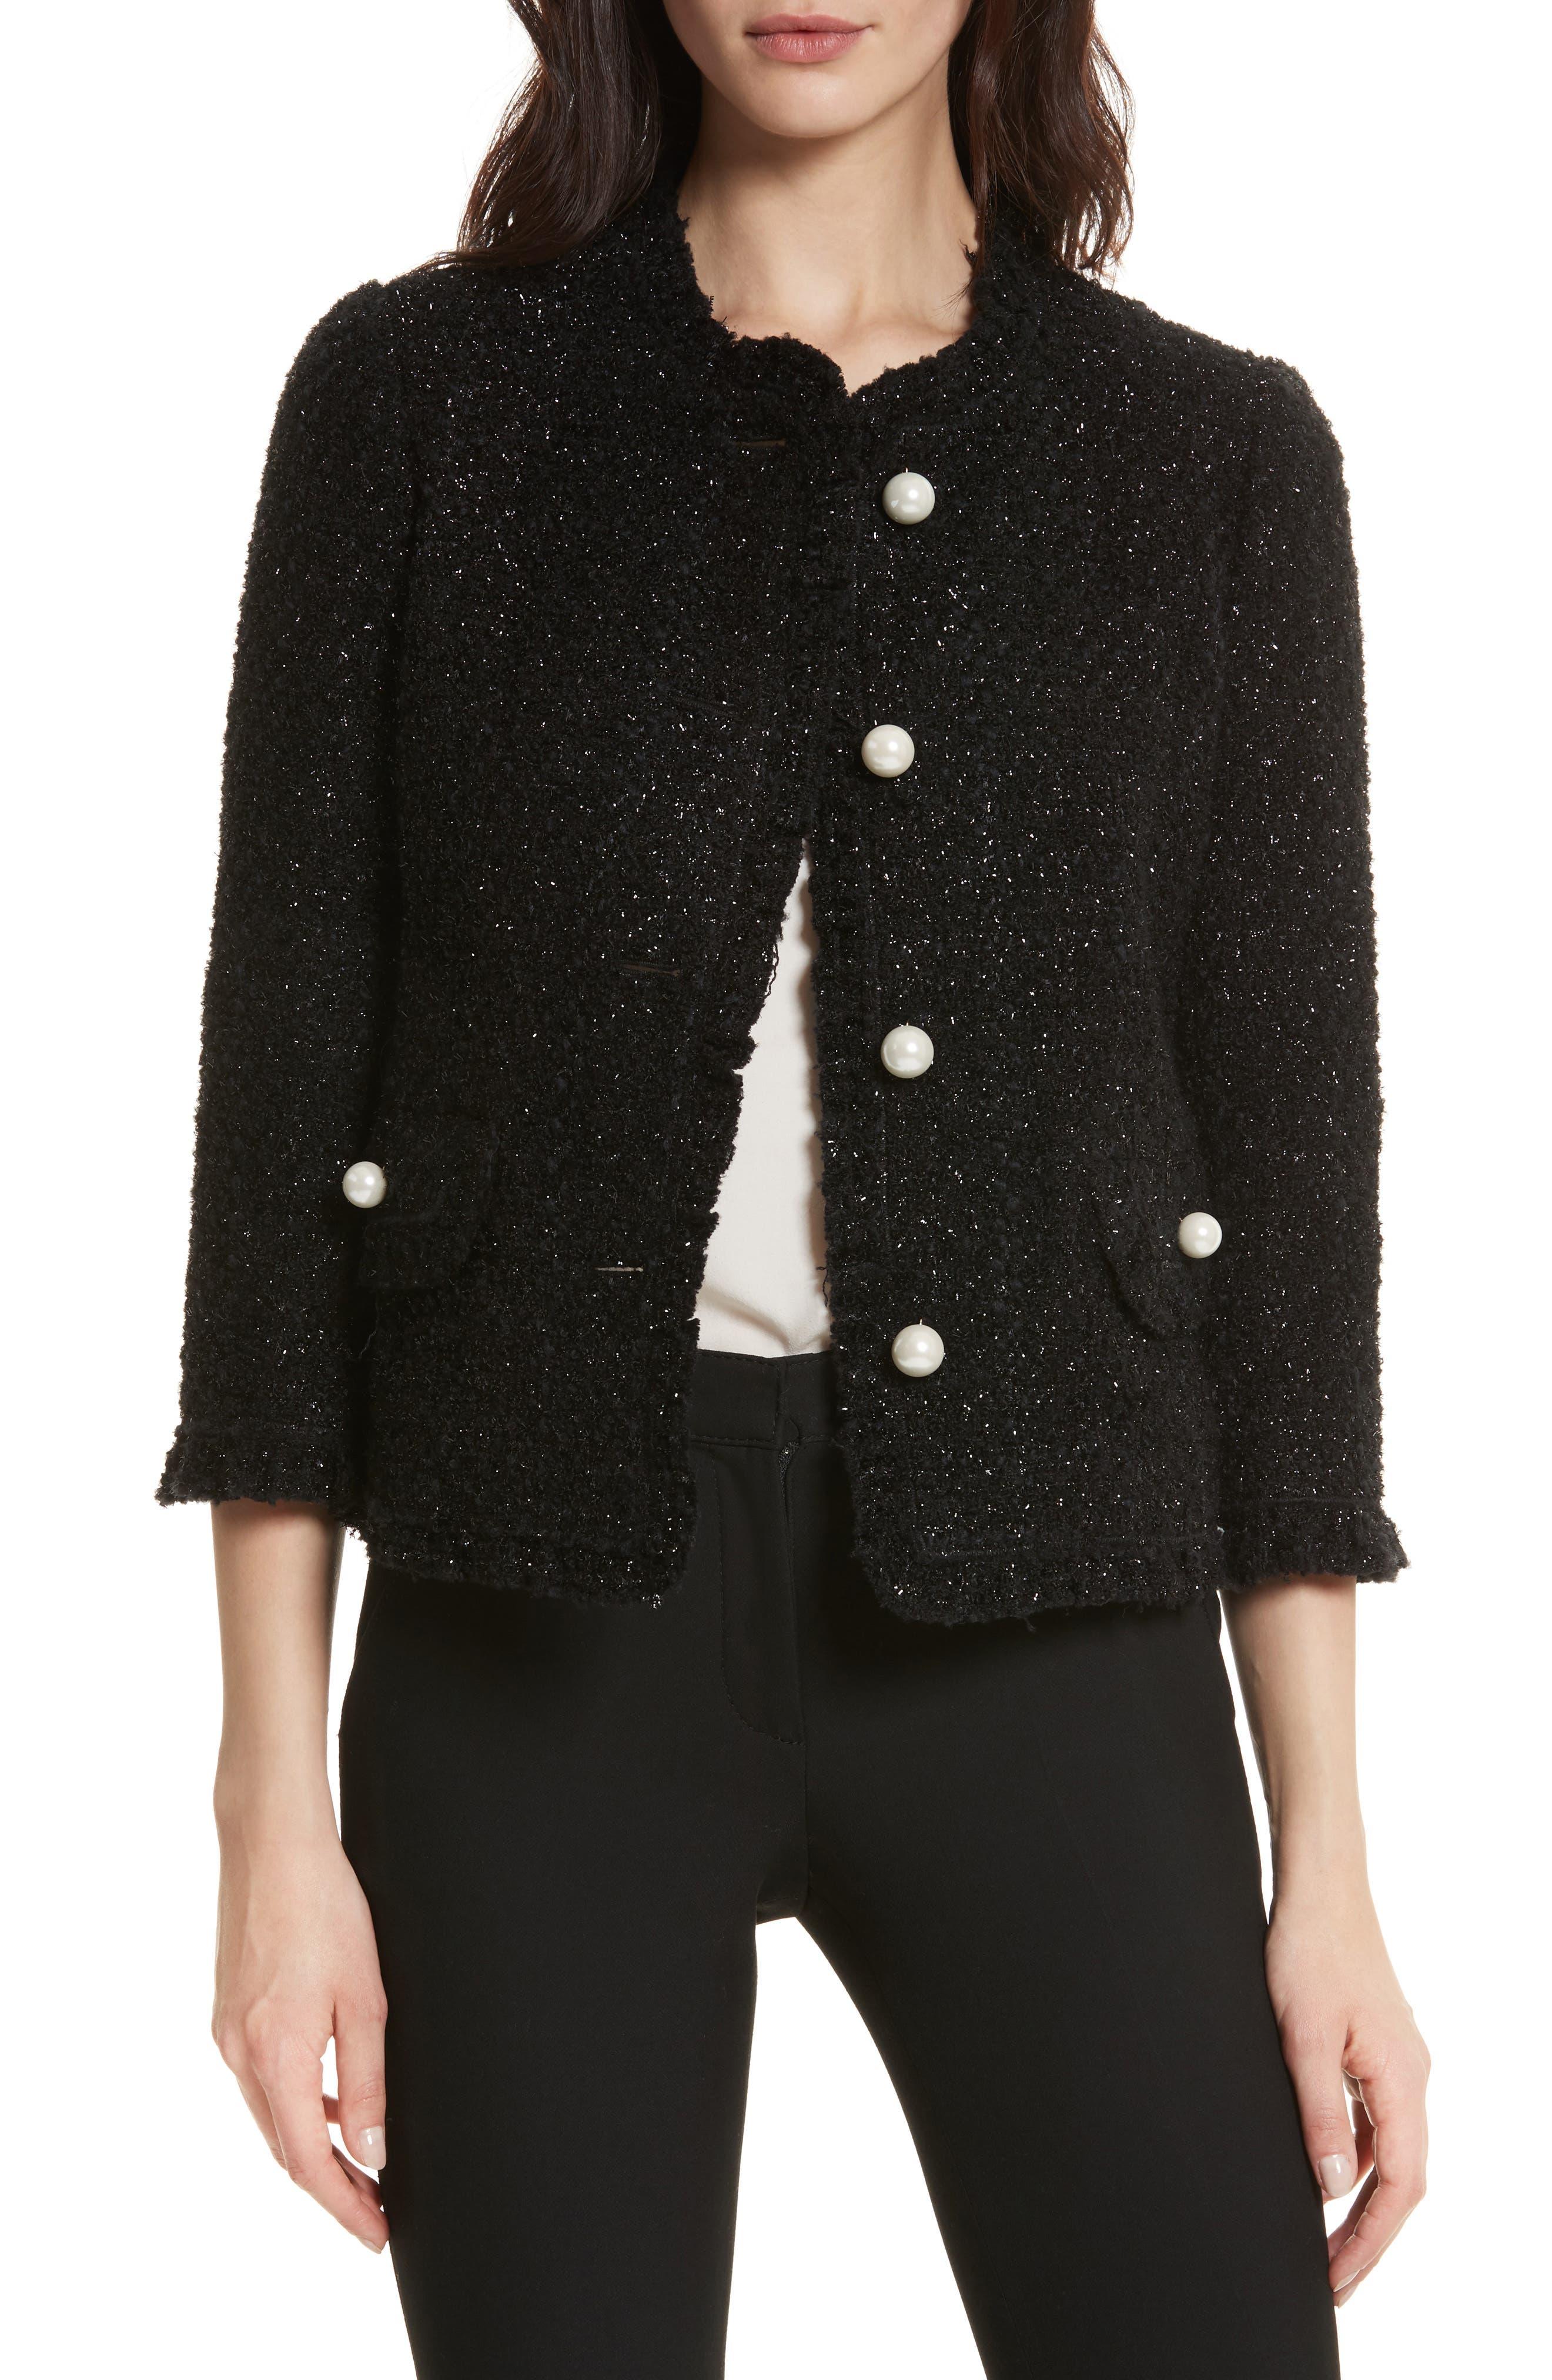 kate spade new york sparkle tweed jacket